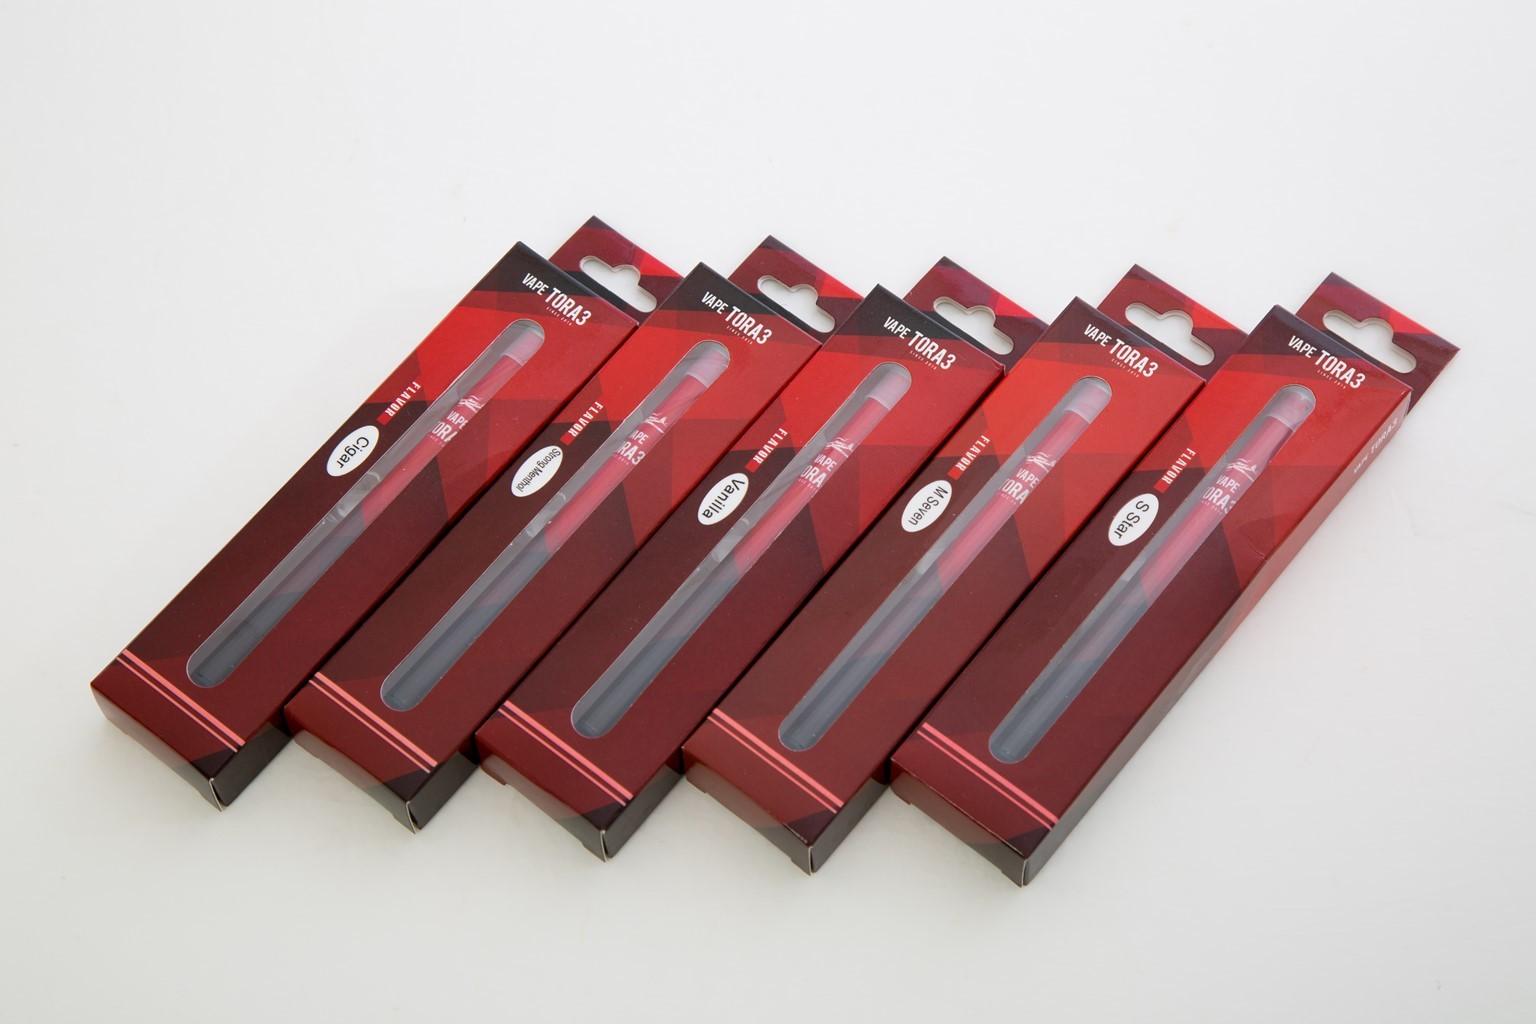 ★セール!使い捨て電子タバコお得な10本セット!!★